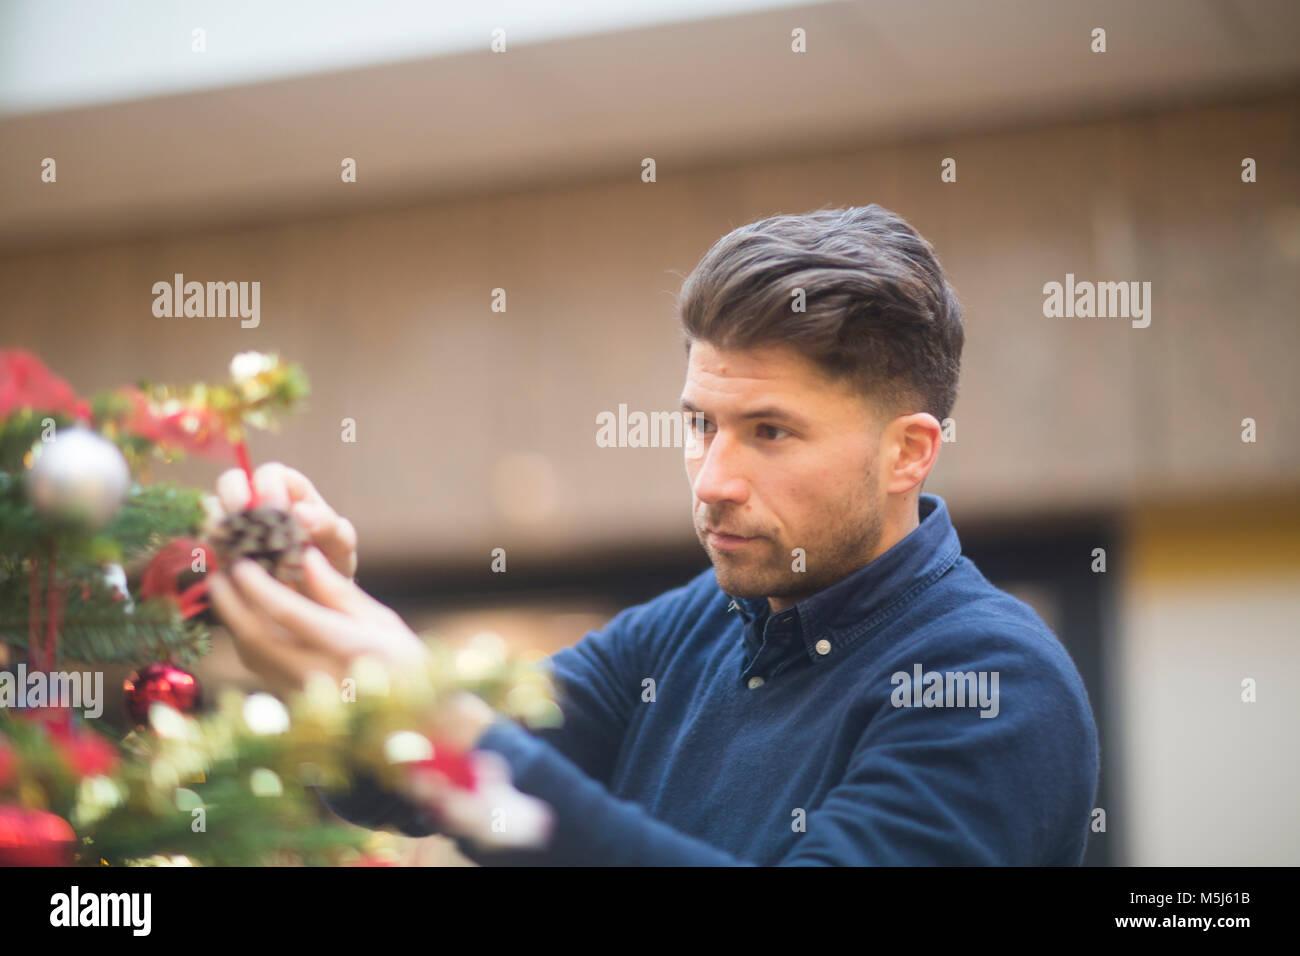 Ritratto di uomo che guarda alla decorazione di Natale in un centro commerciale per lo shopping Immagini Stock